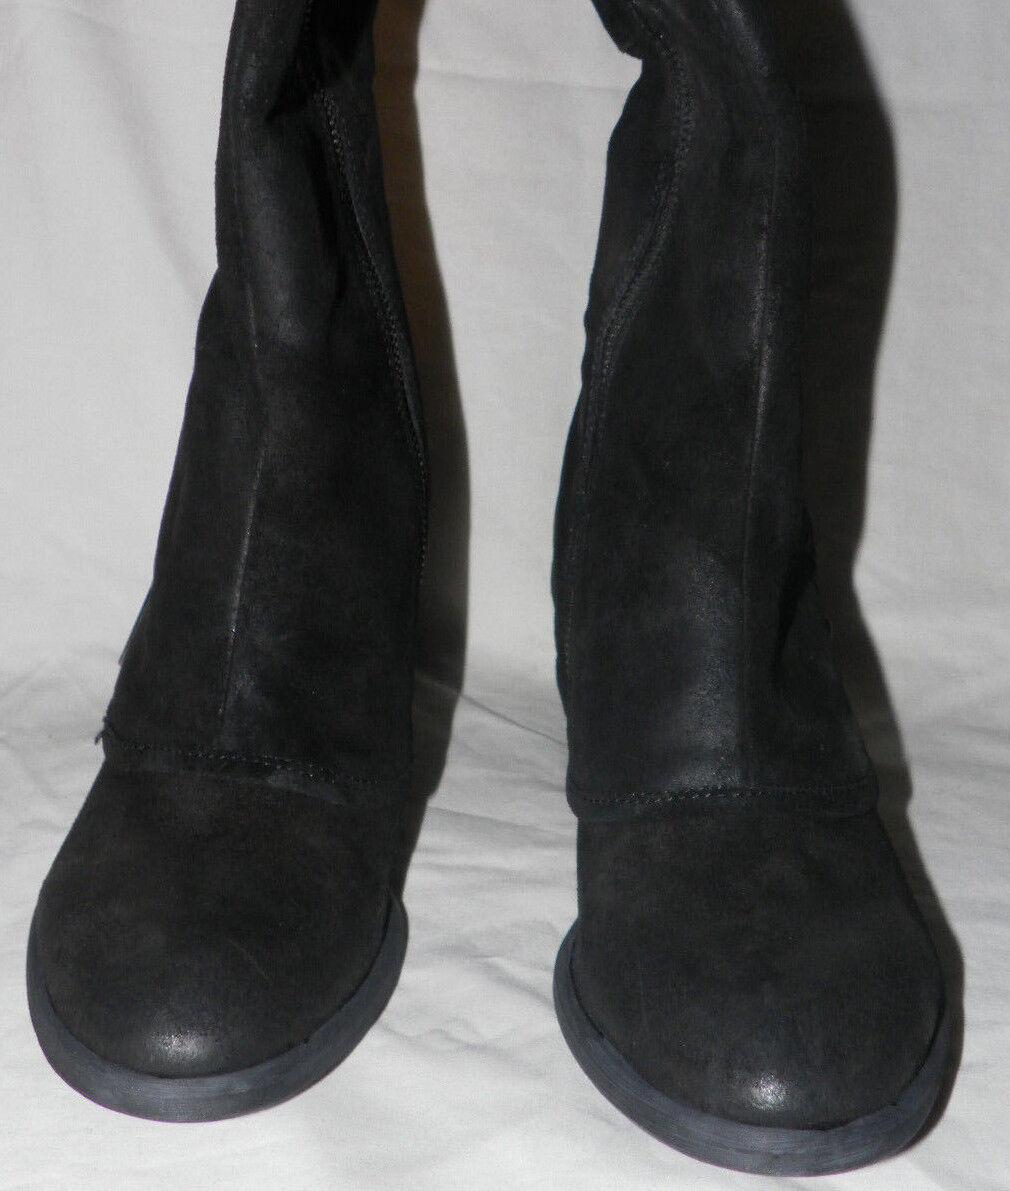 DONALD J PLINER DEVI 2 WOMEN'S RIDING LEATHER BLACK VINTAGE SUEDE & LEATHER RIDING Stiefel Sz. 5 a351da